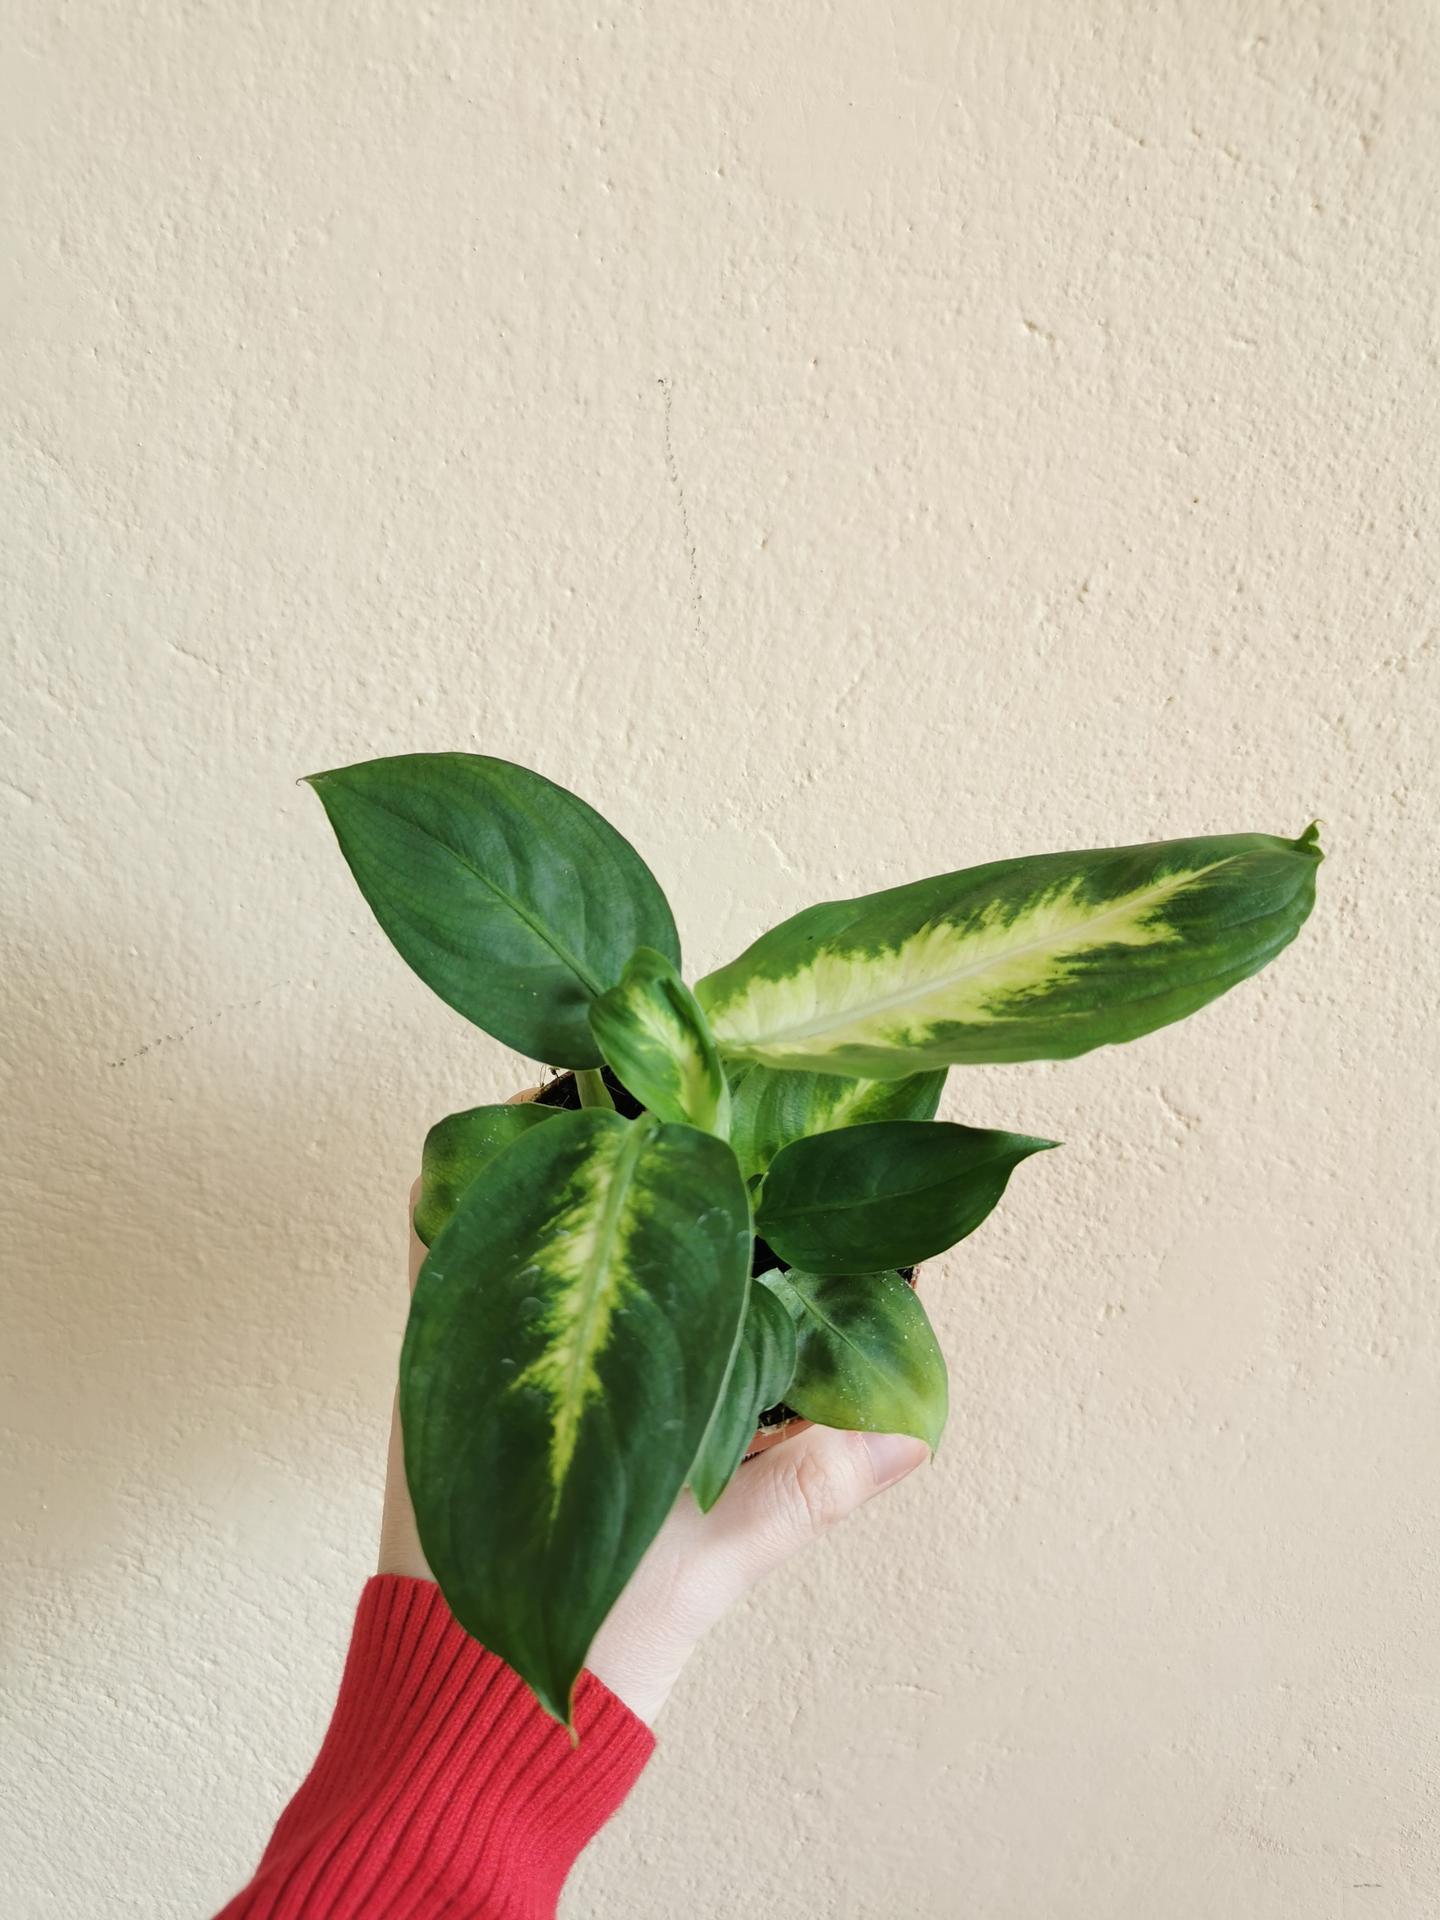 Moje krásne kvetinky - diffenbachia 4/2021 ulovok z jednoty